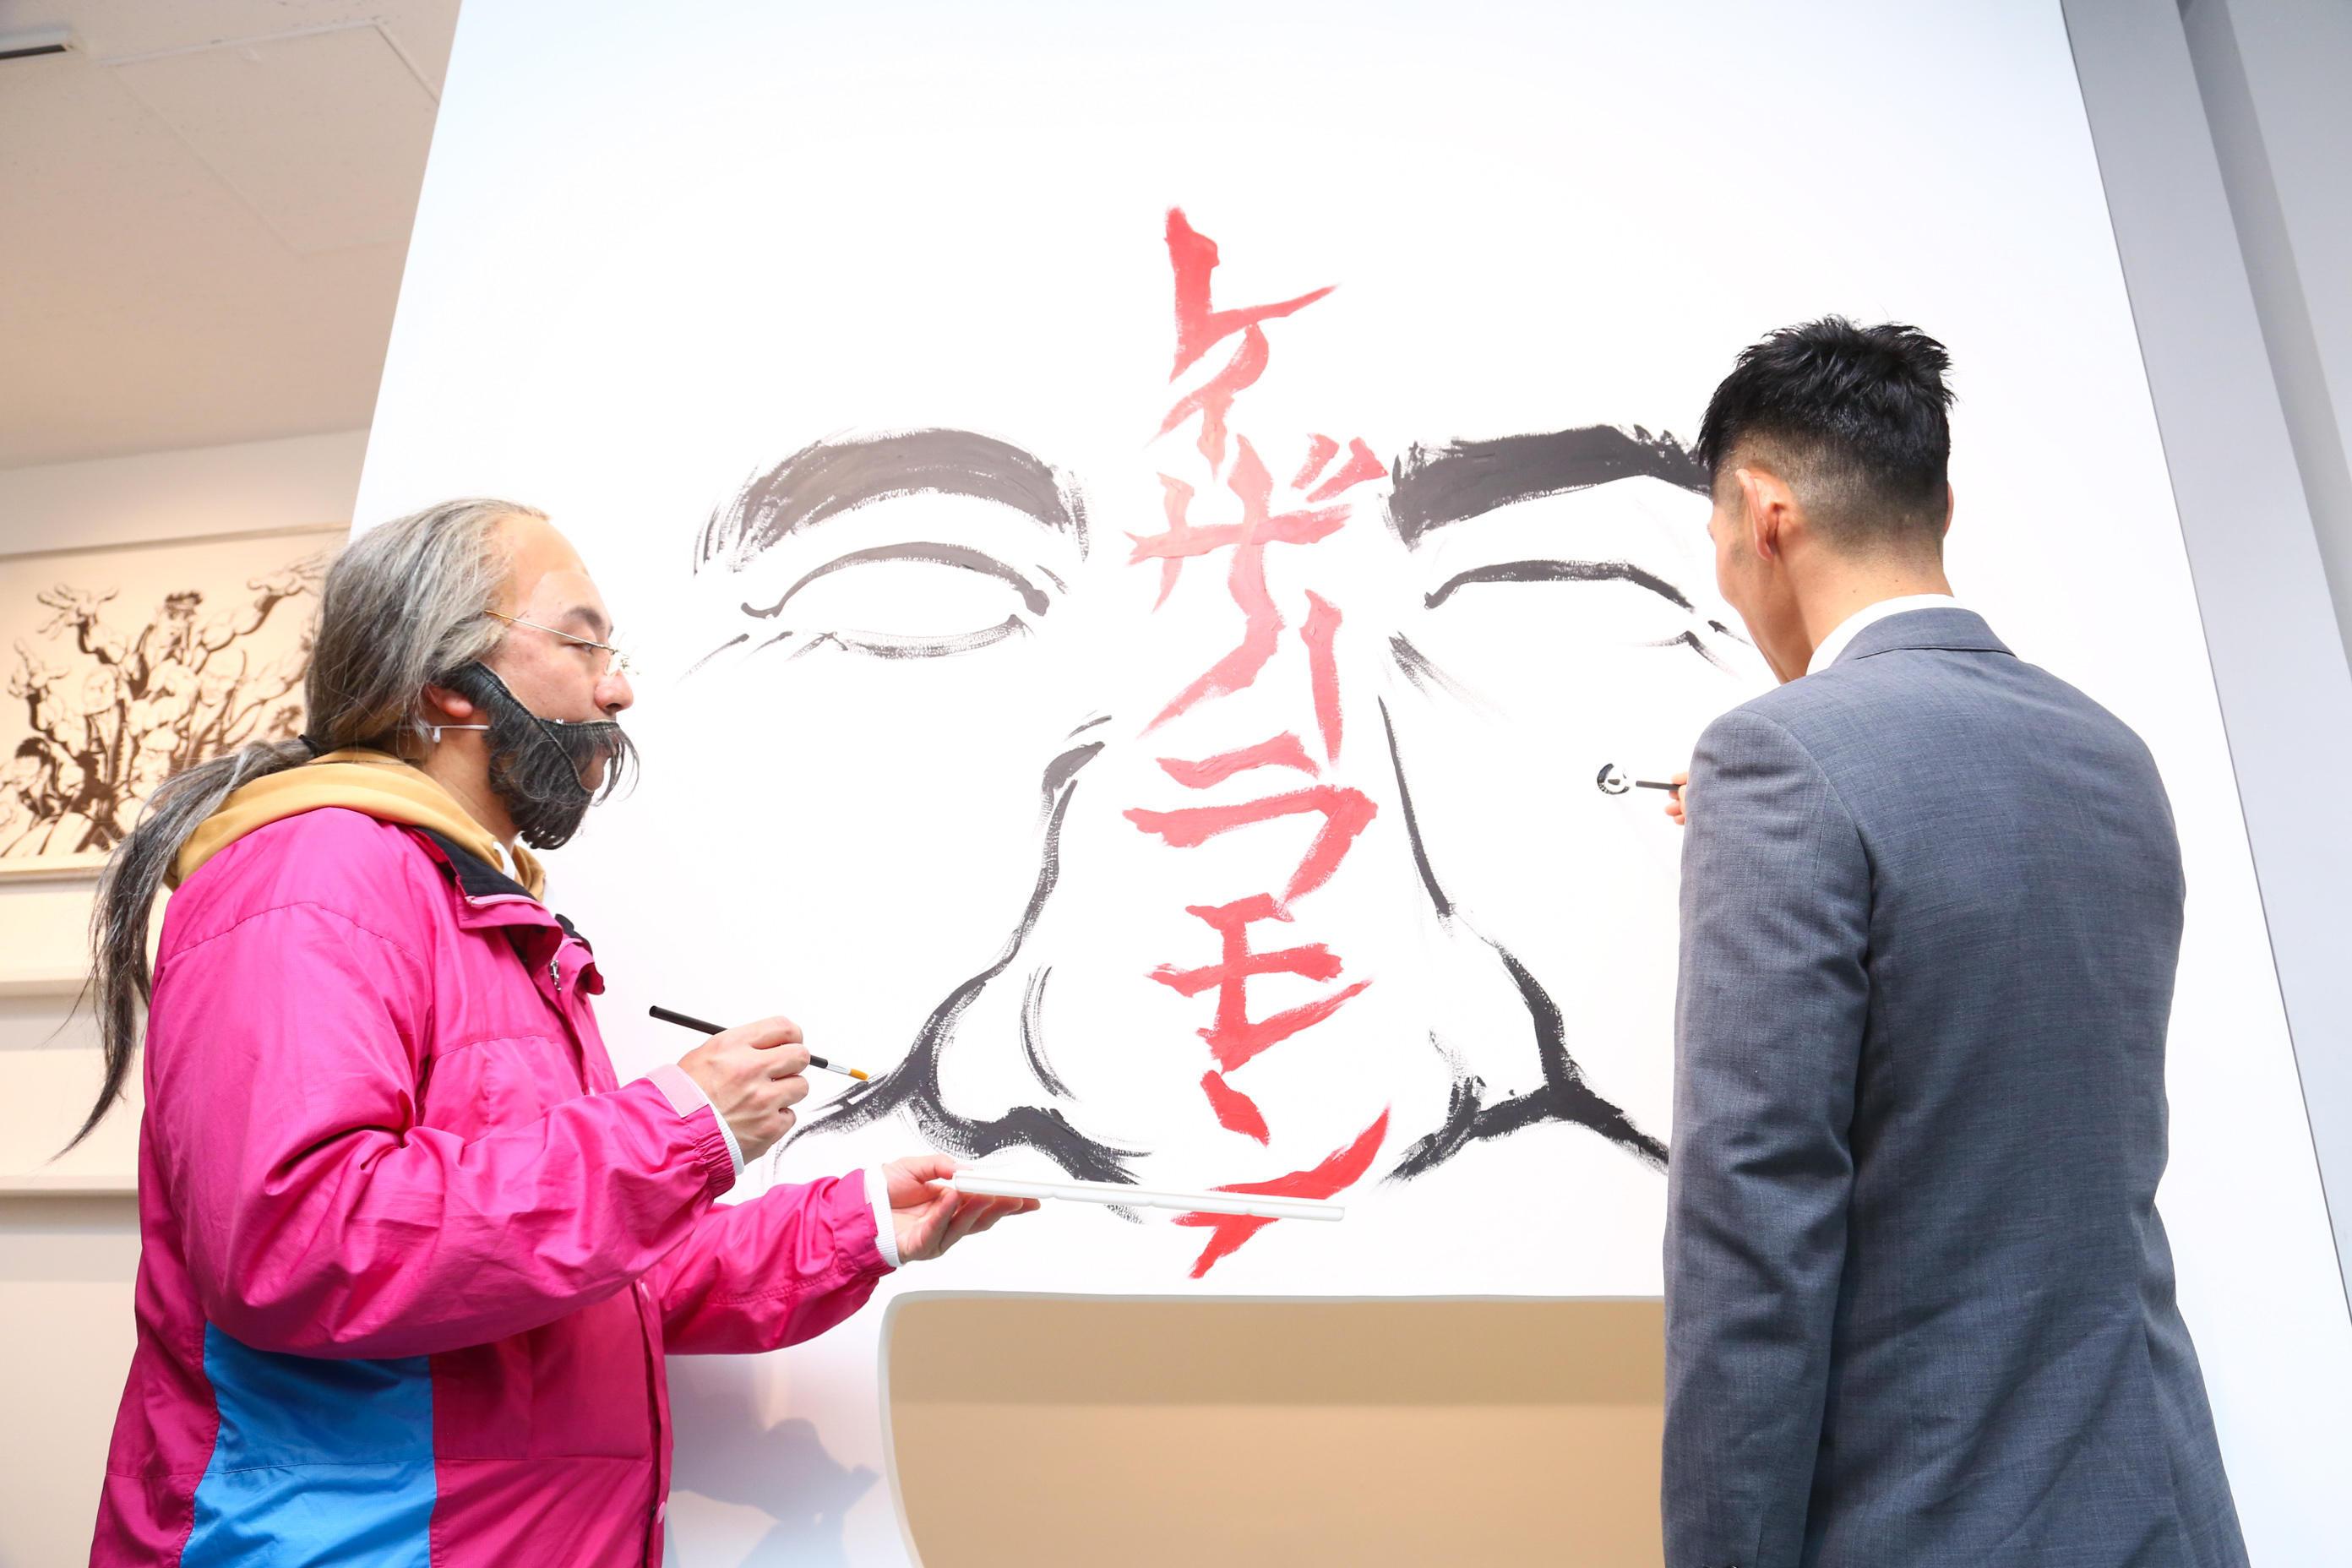 http://news.yoshimoto.co.jp/20190110202913-1871f21700bc9930400f6ef04bddb8e152d0e10d.jpg